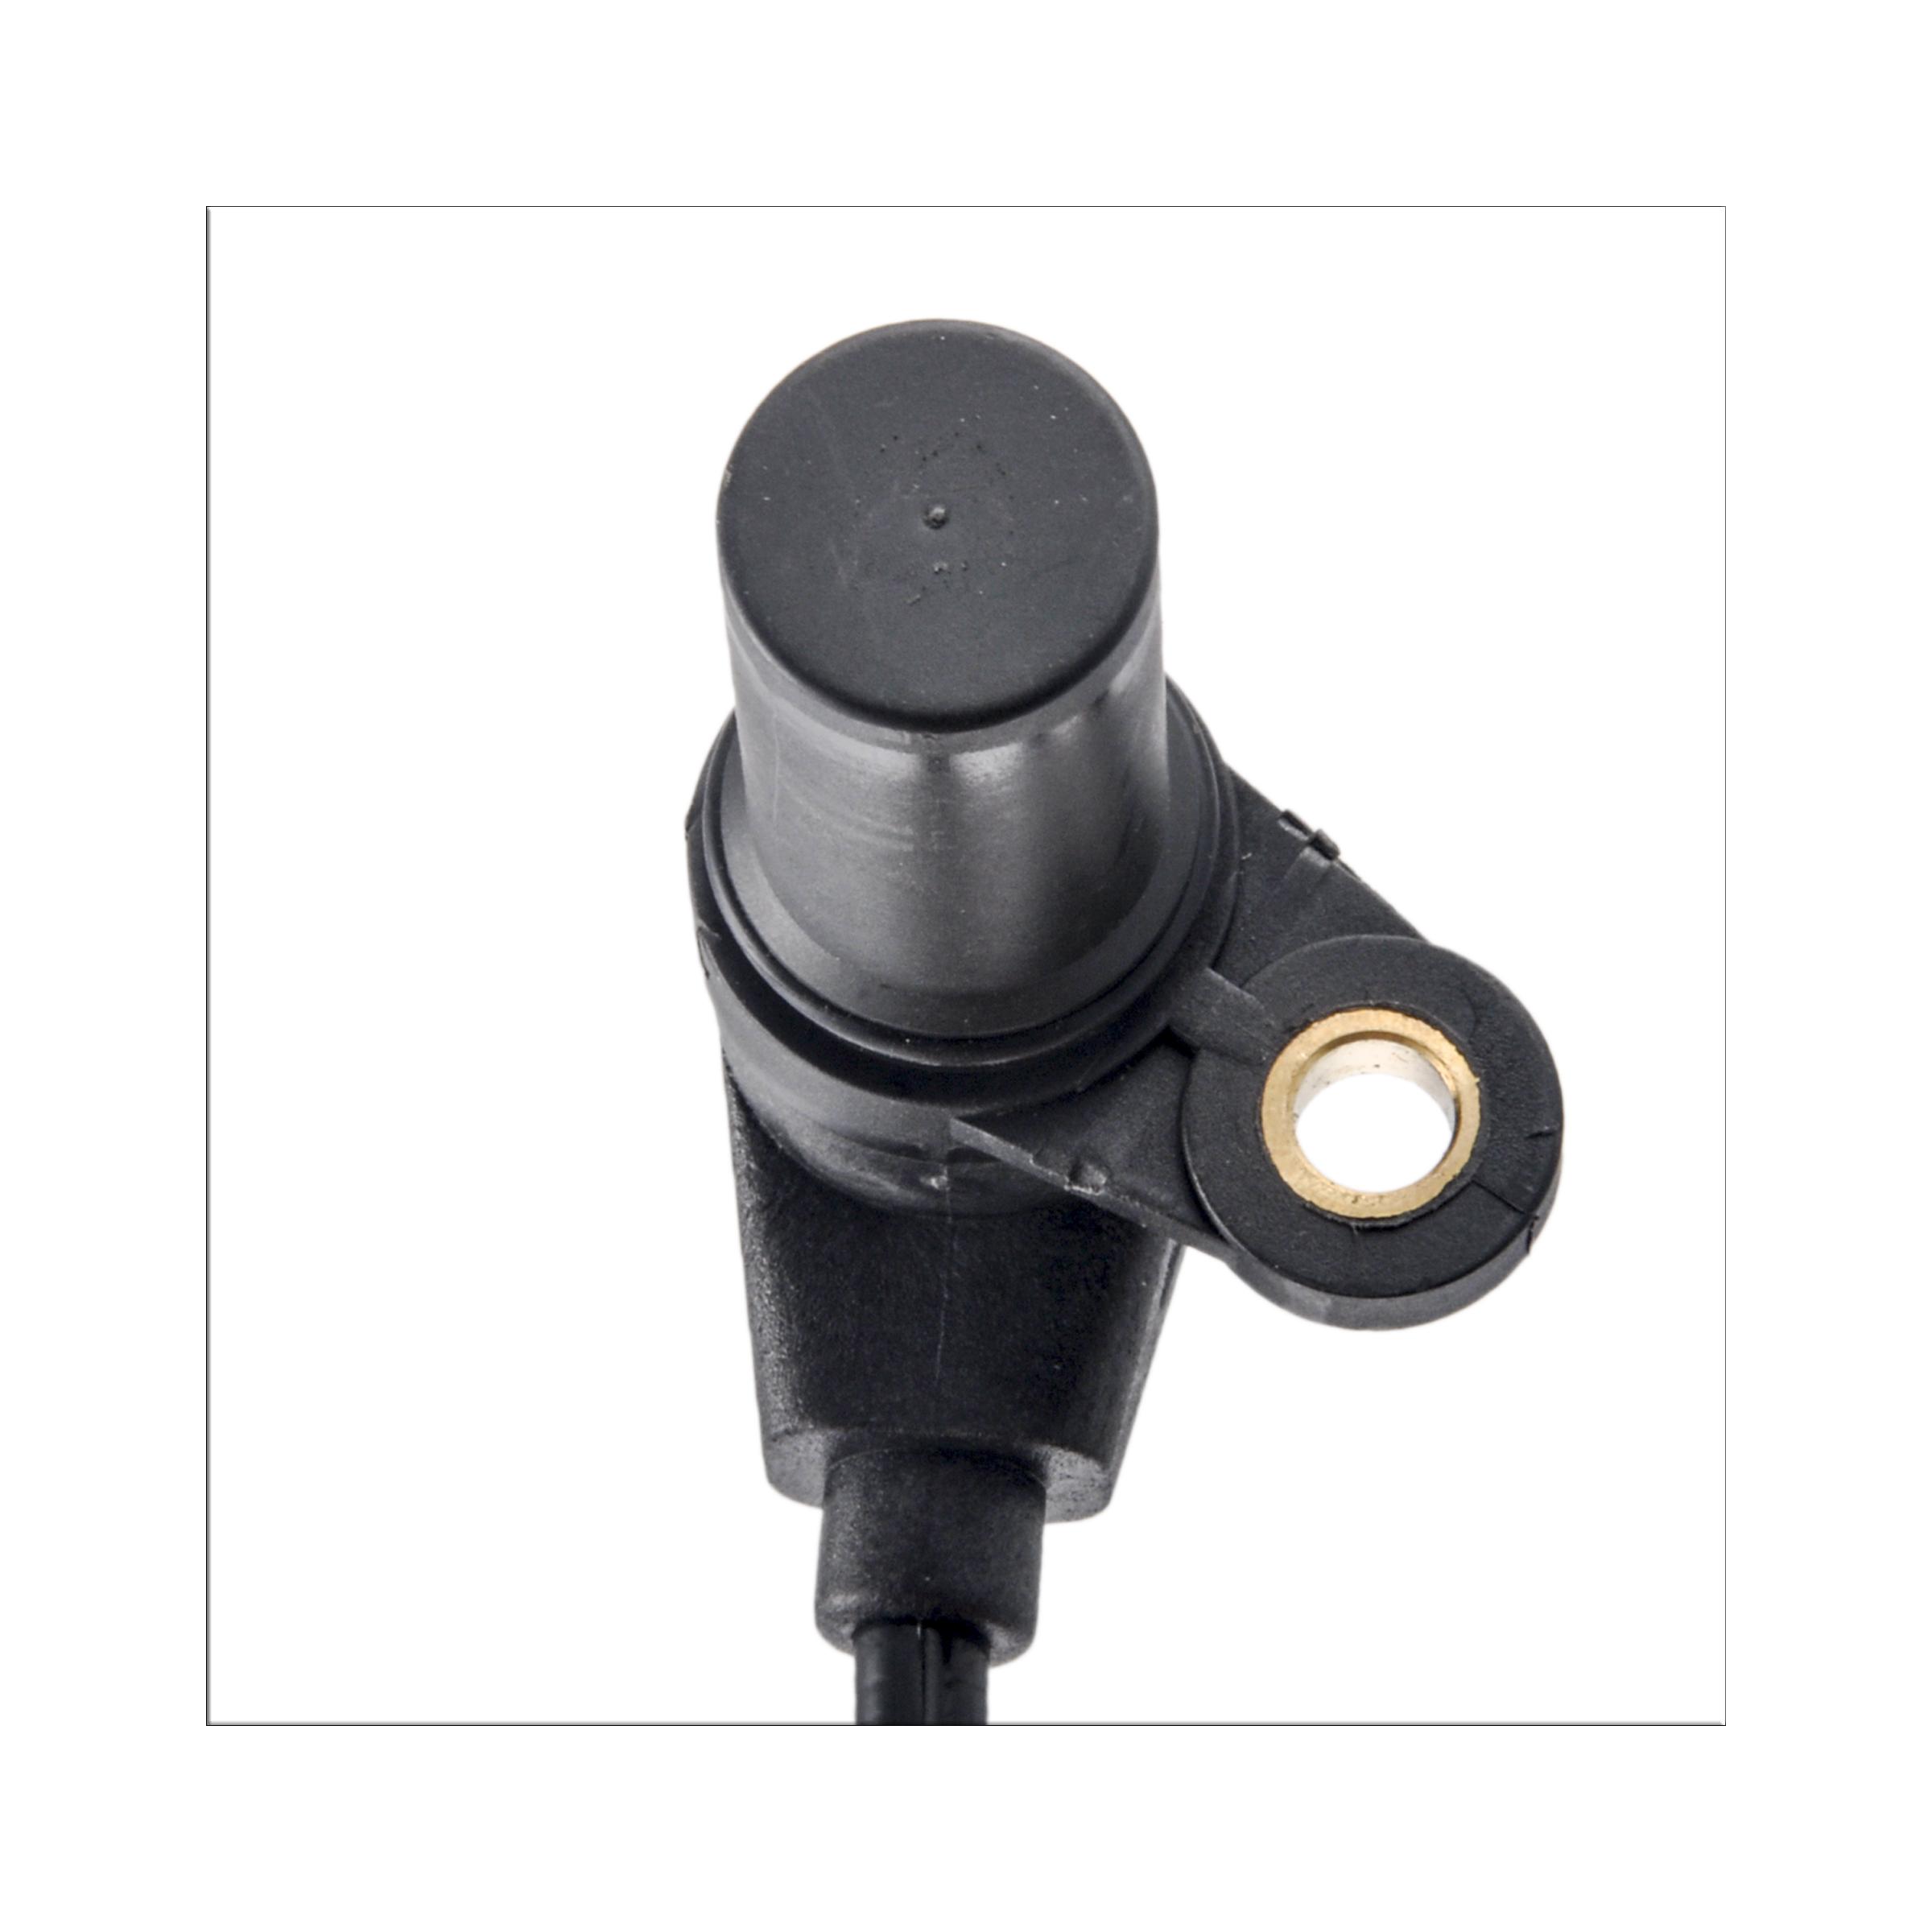 New Herko Camshaft Position Sensor CKP2077 For Aveo Spark